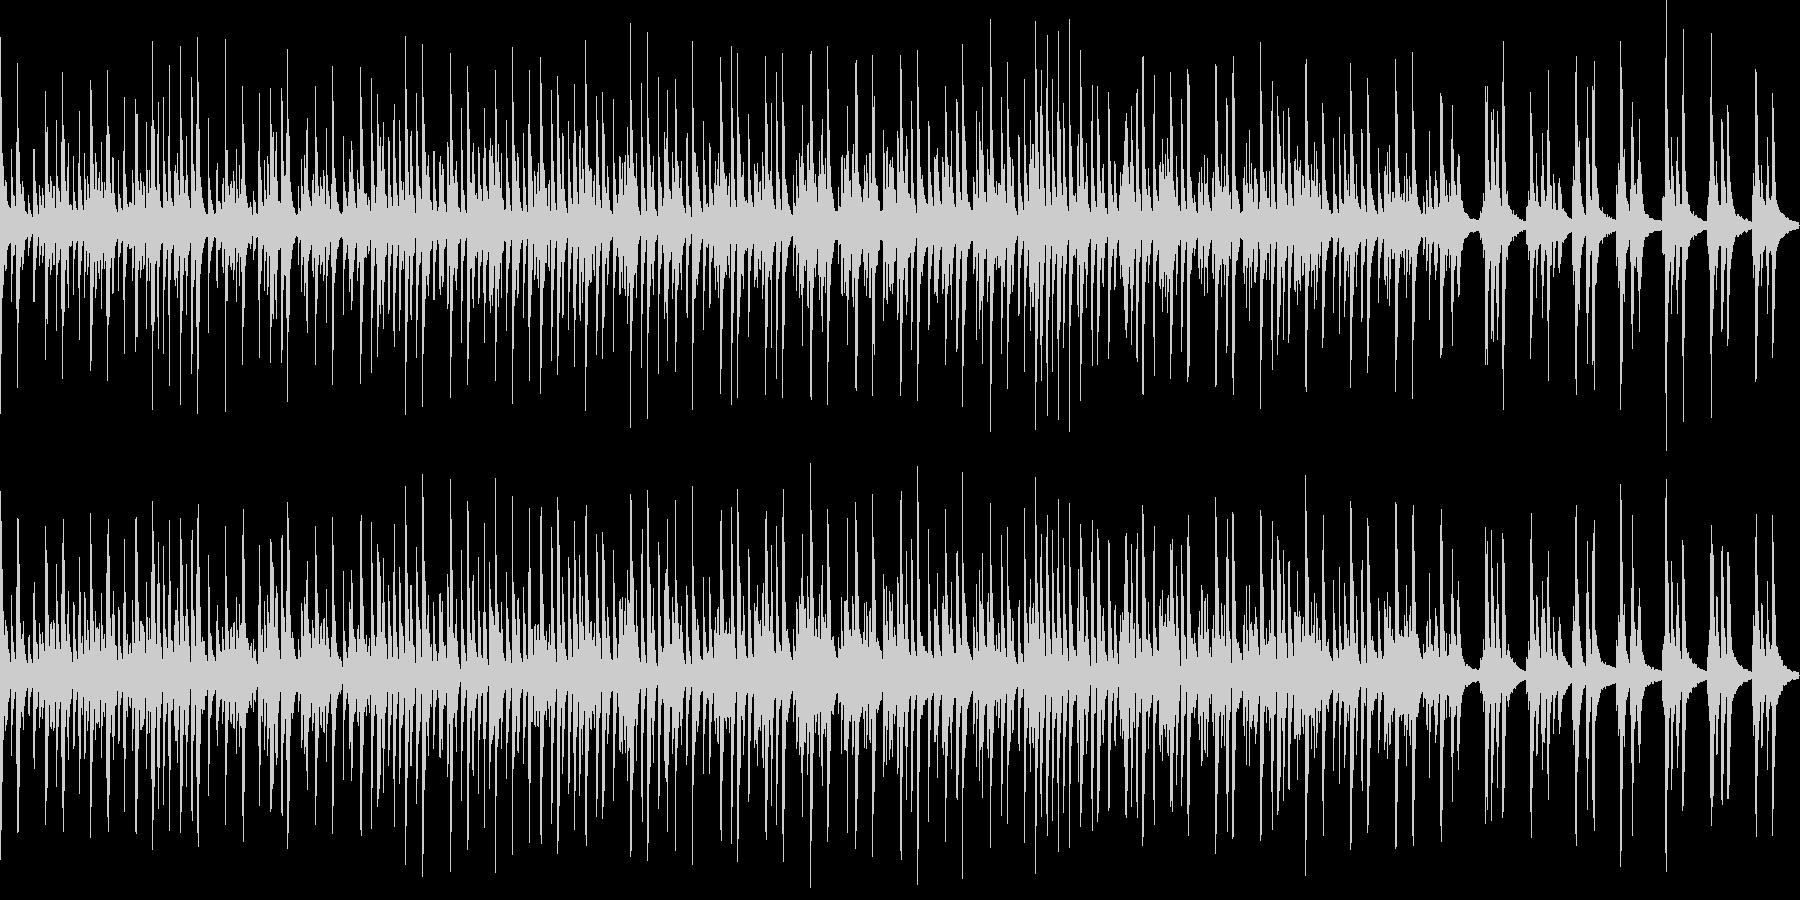 小人の世界 (ループ仕様)の未再生の波形